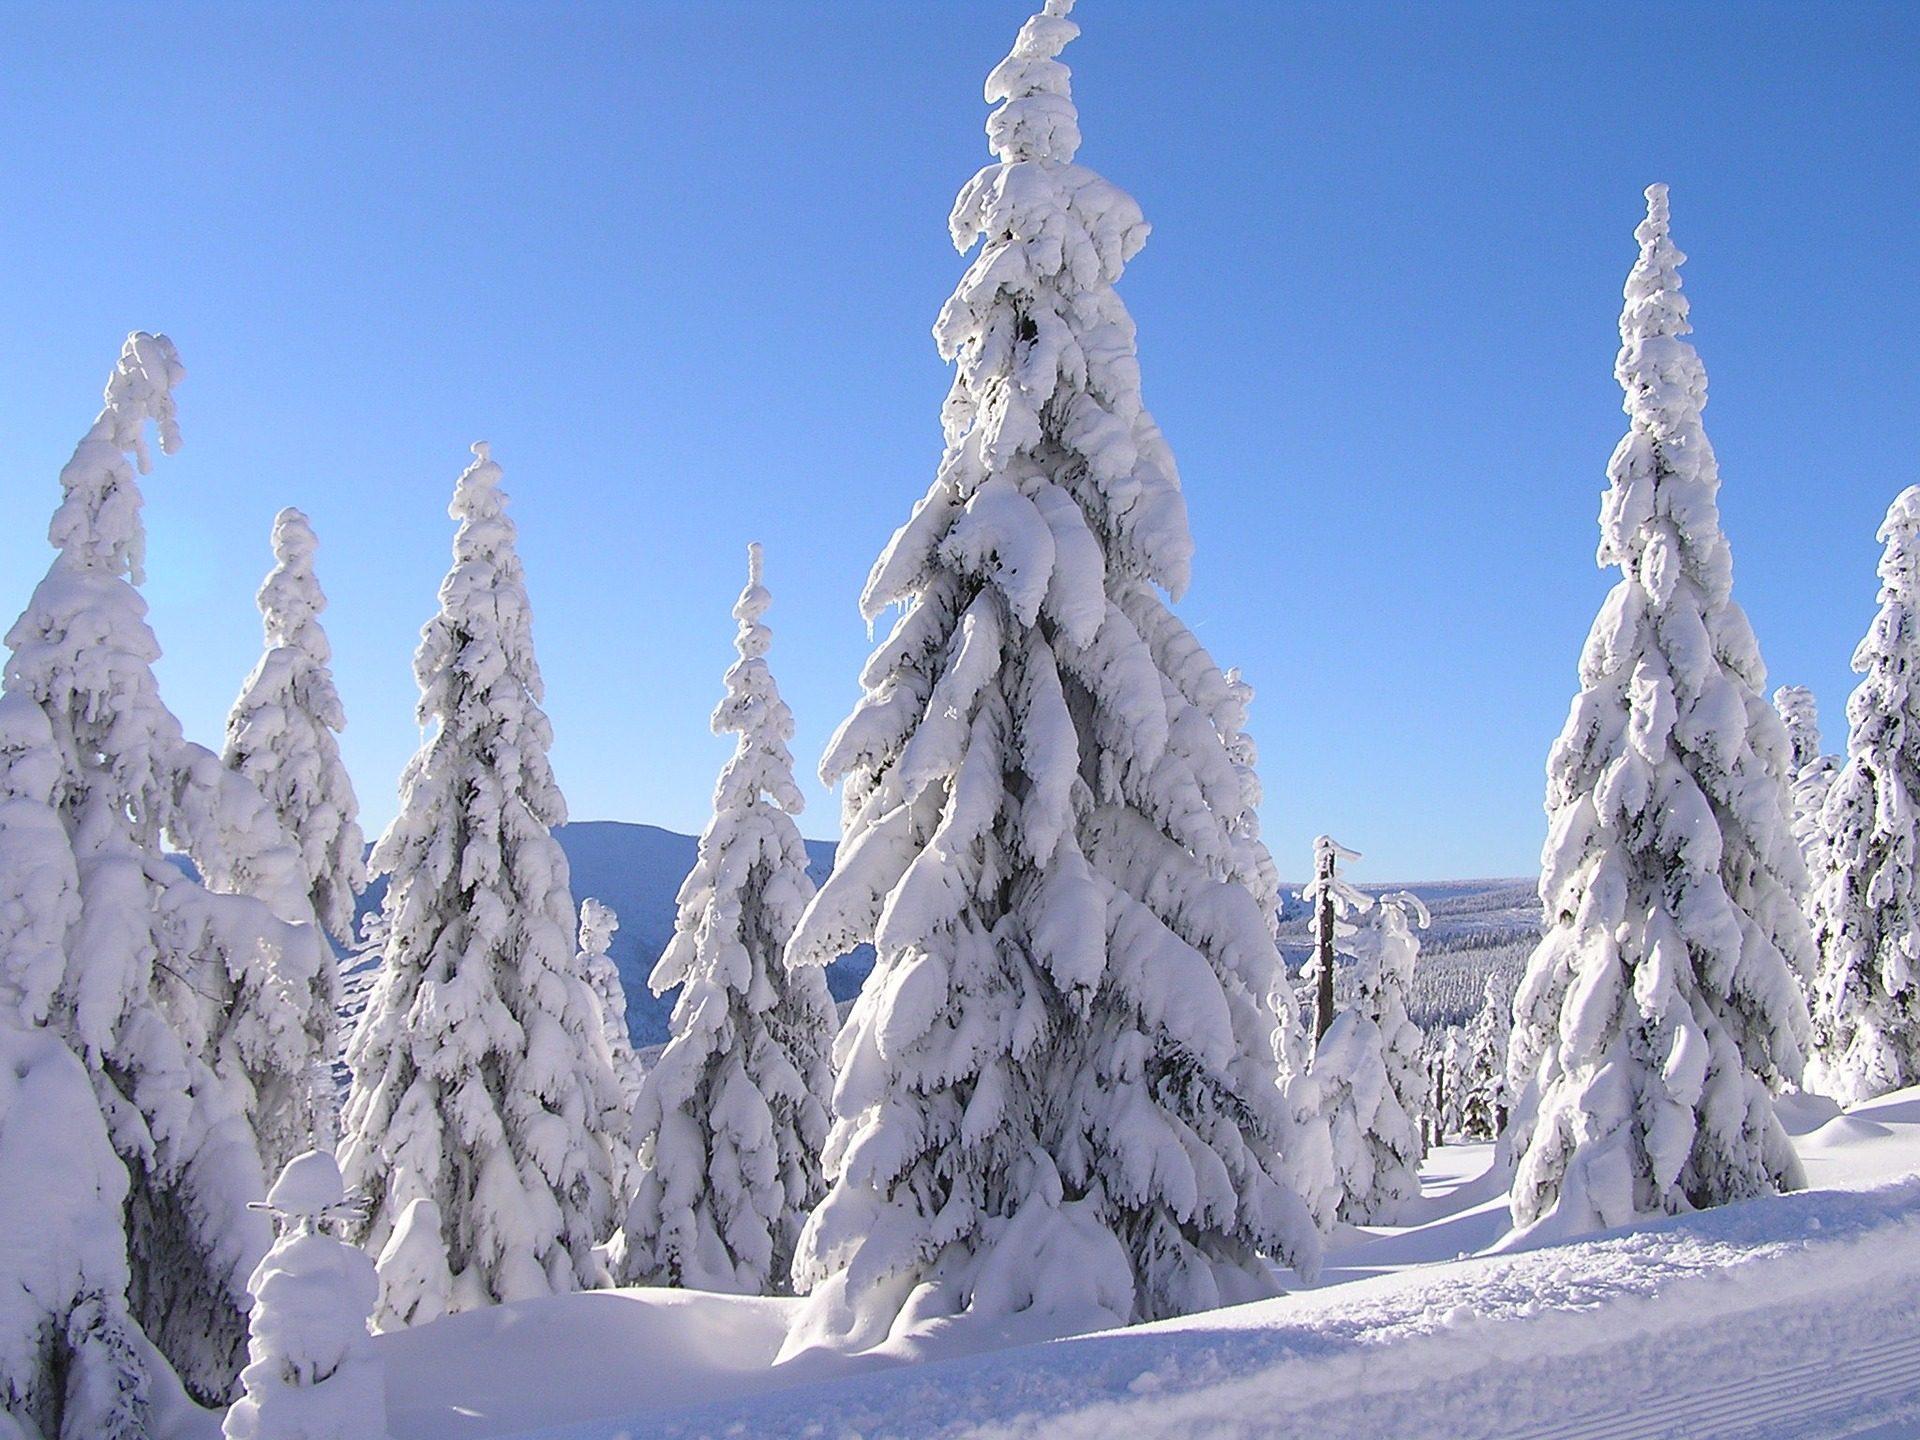 树木, 白雪皑皑, 雪, 松树, 冷杉 - 高清壁纸 - 教授-falken.com